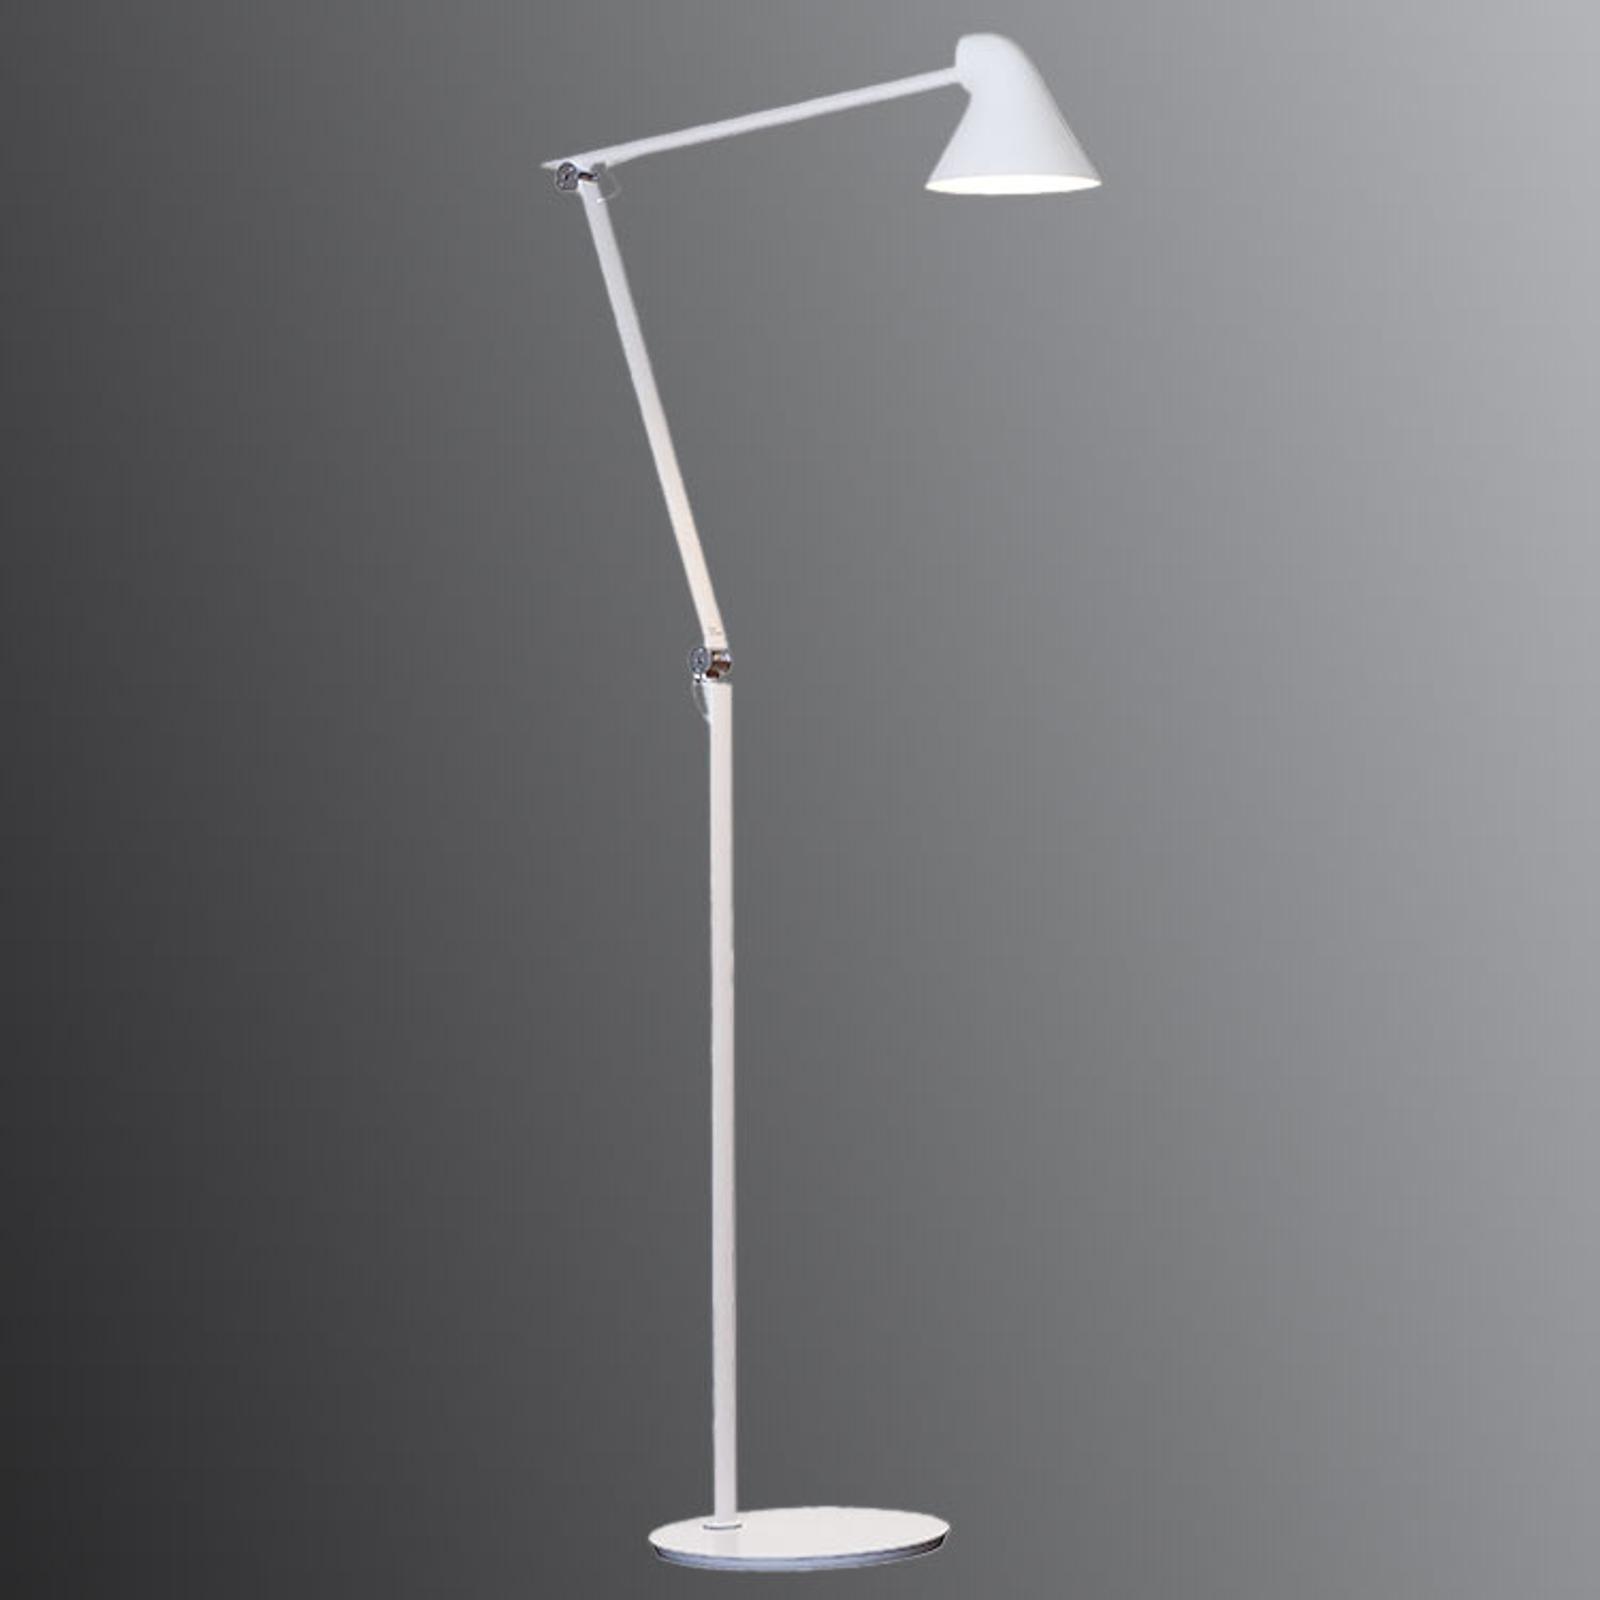 Instelbare LED vloerlamp NJP in wit